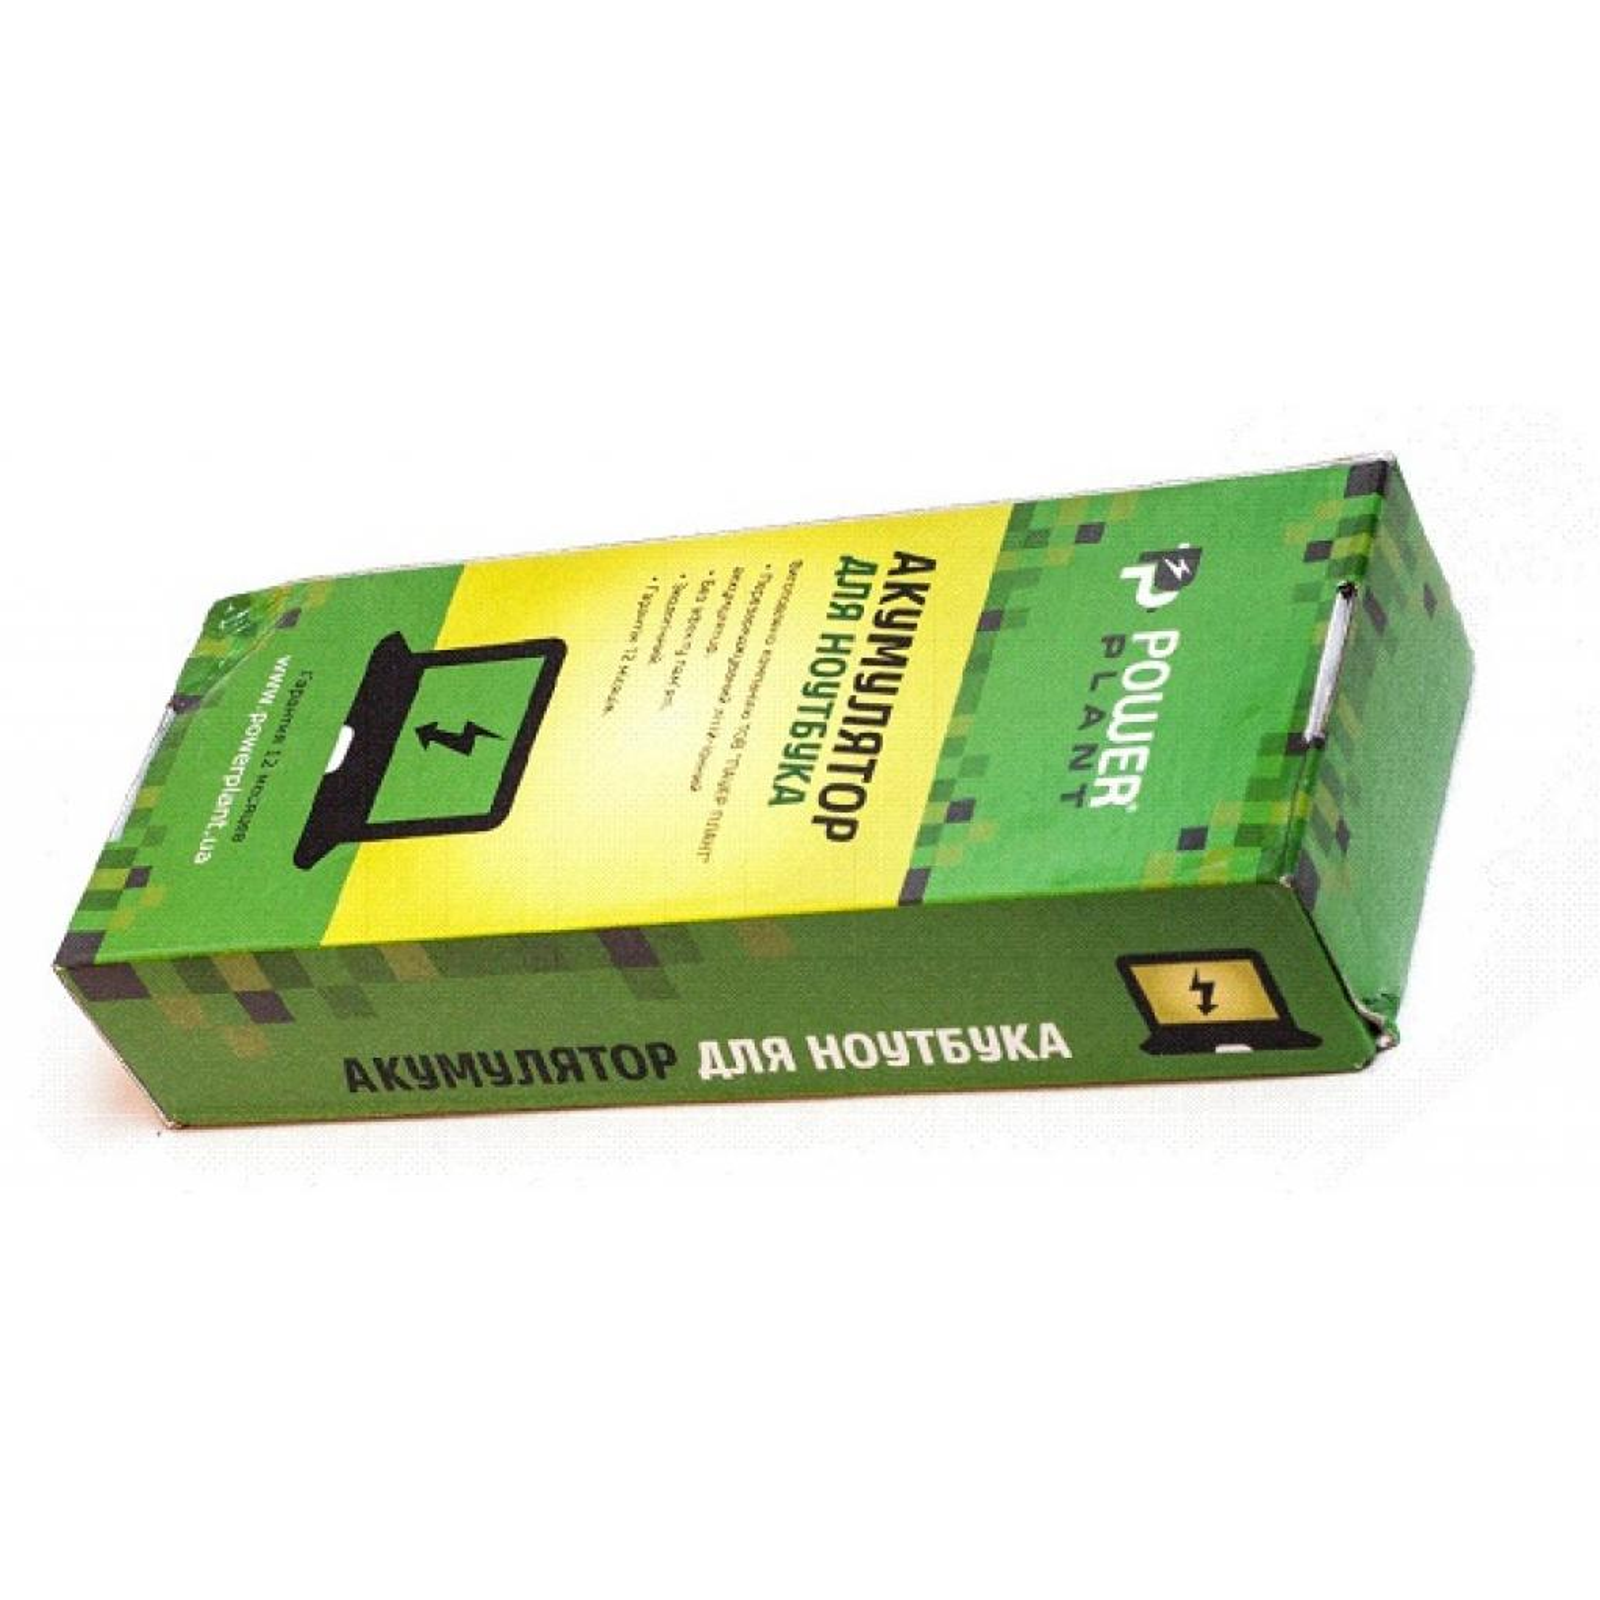 Аккумулятор для ноутбука TOSHIBA Satellite A50 (PA3356U,TA4356LH) 10.8V 5200mAh PowerPlant (NB00000141) изображение 3